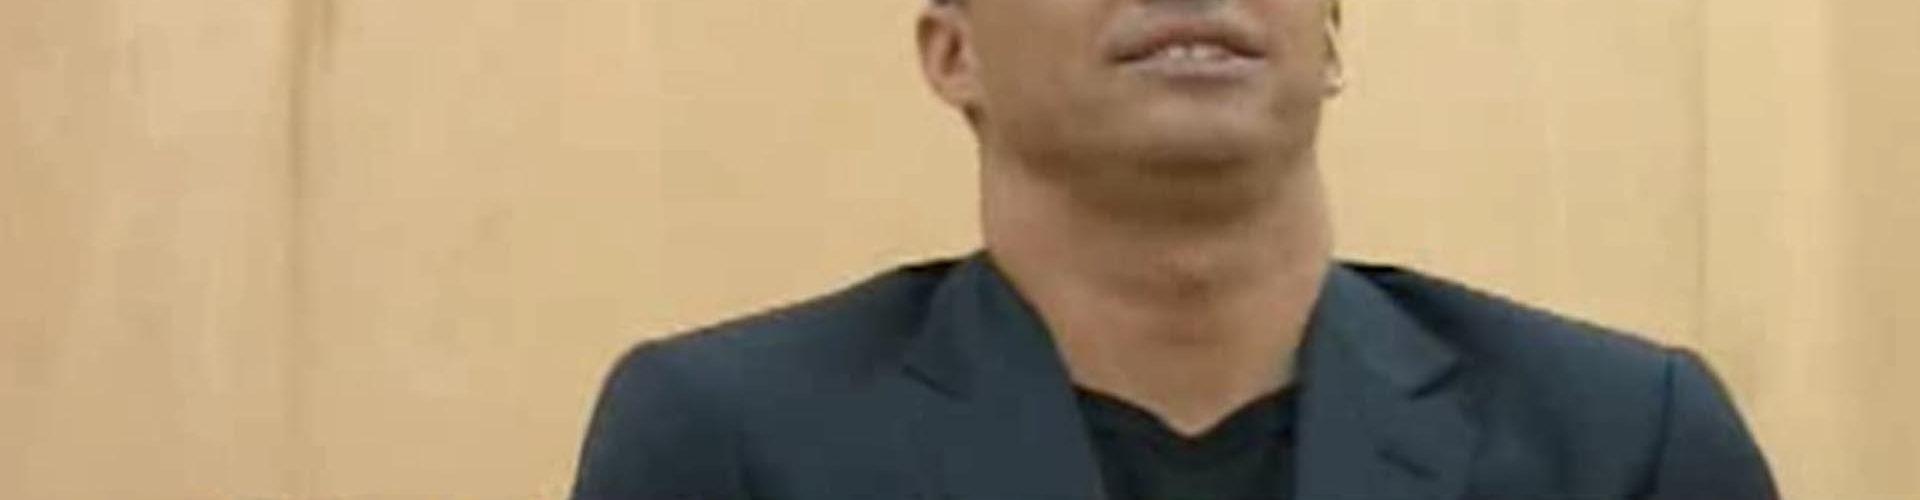 Hernán Crespo confesó que participó de una fiesta sexual